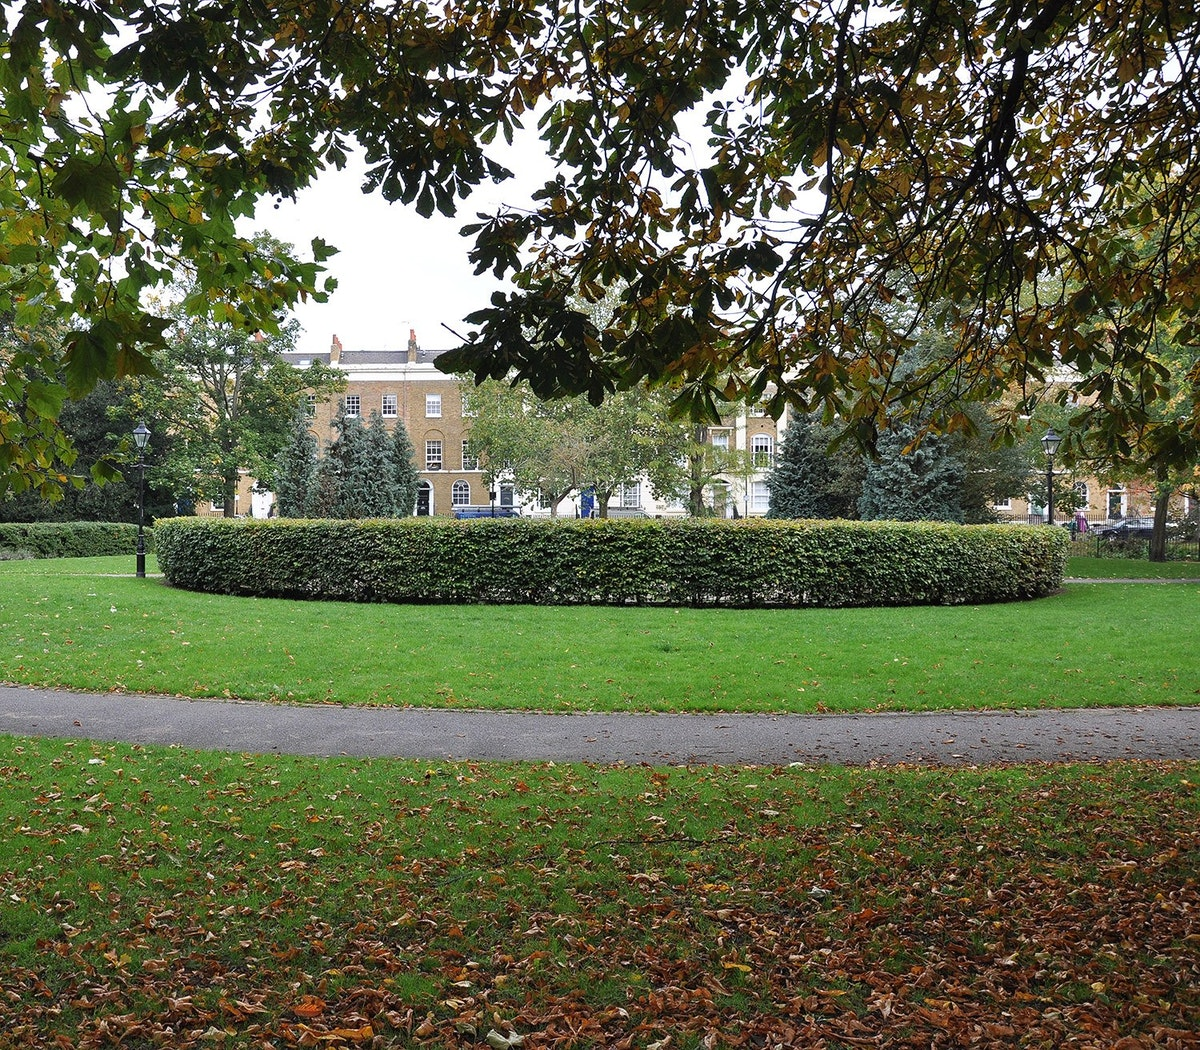 Tredegar Square